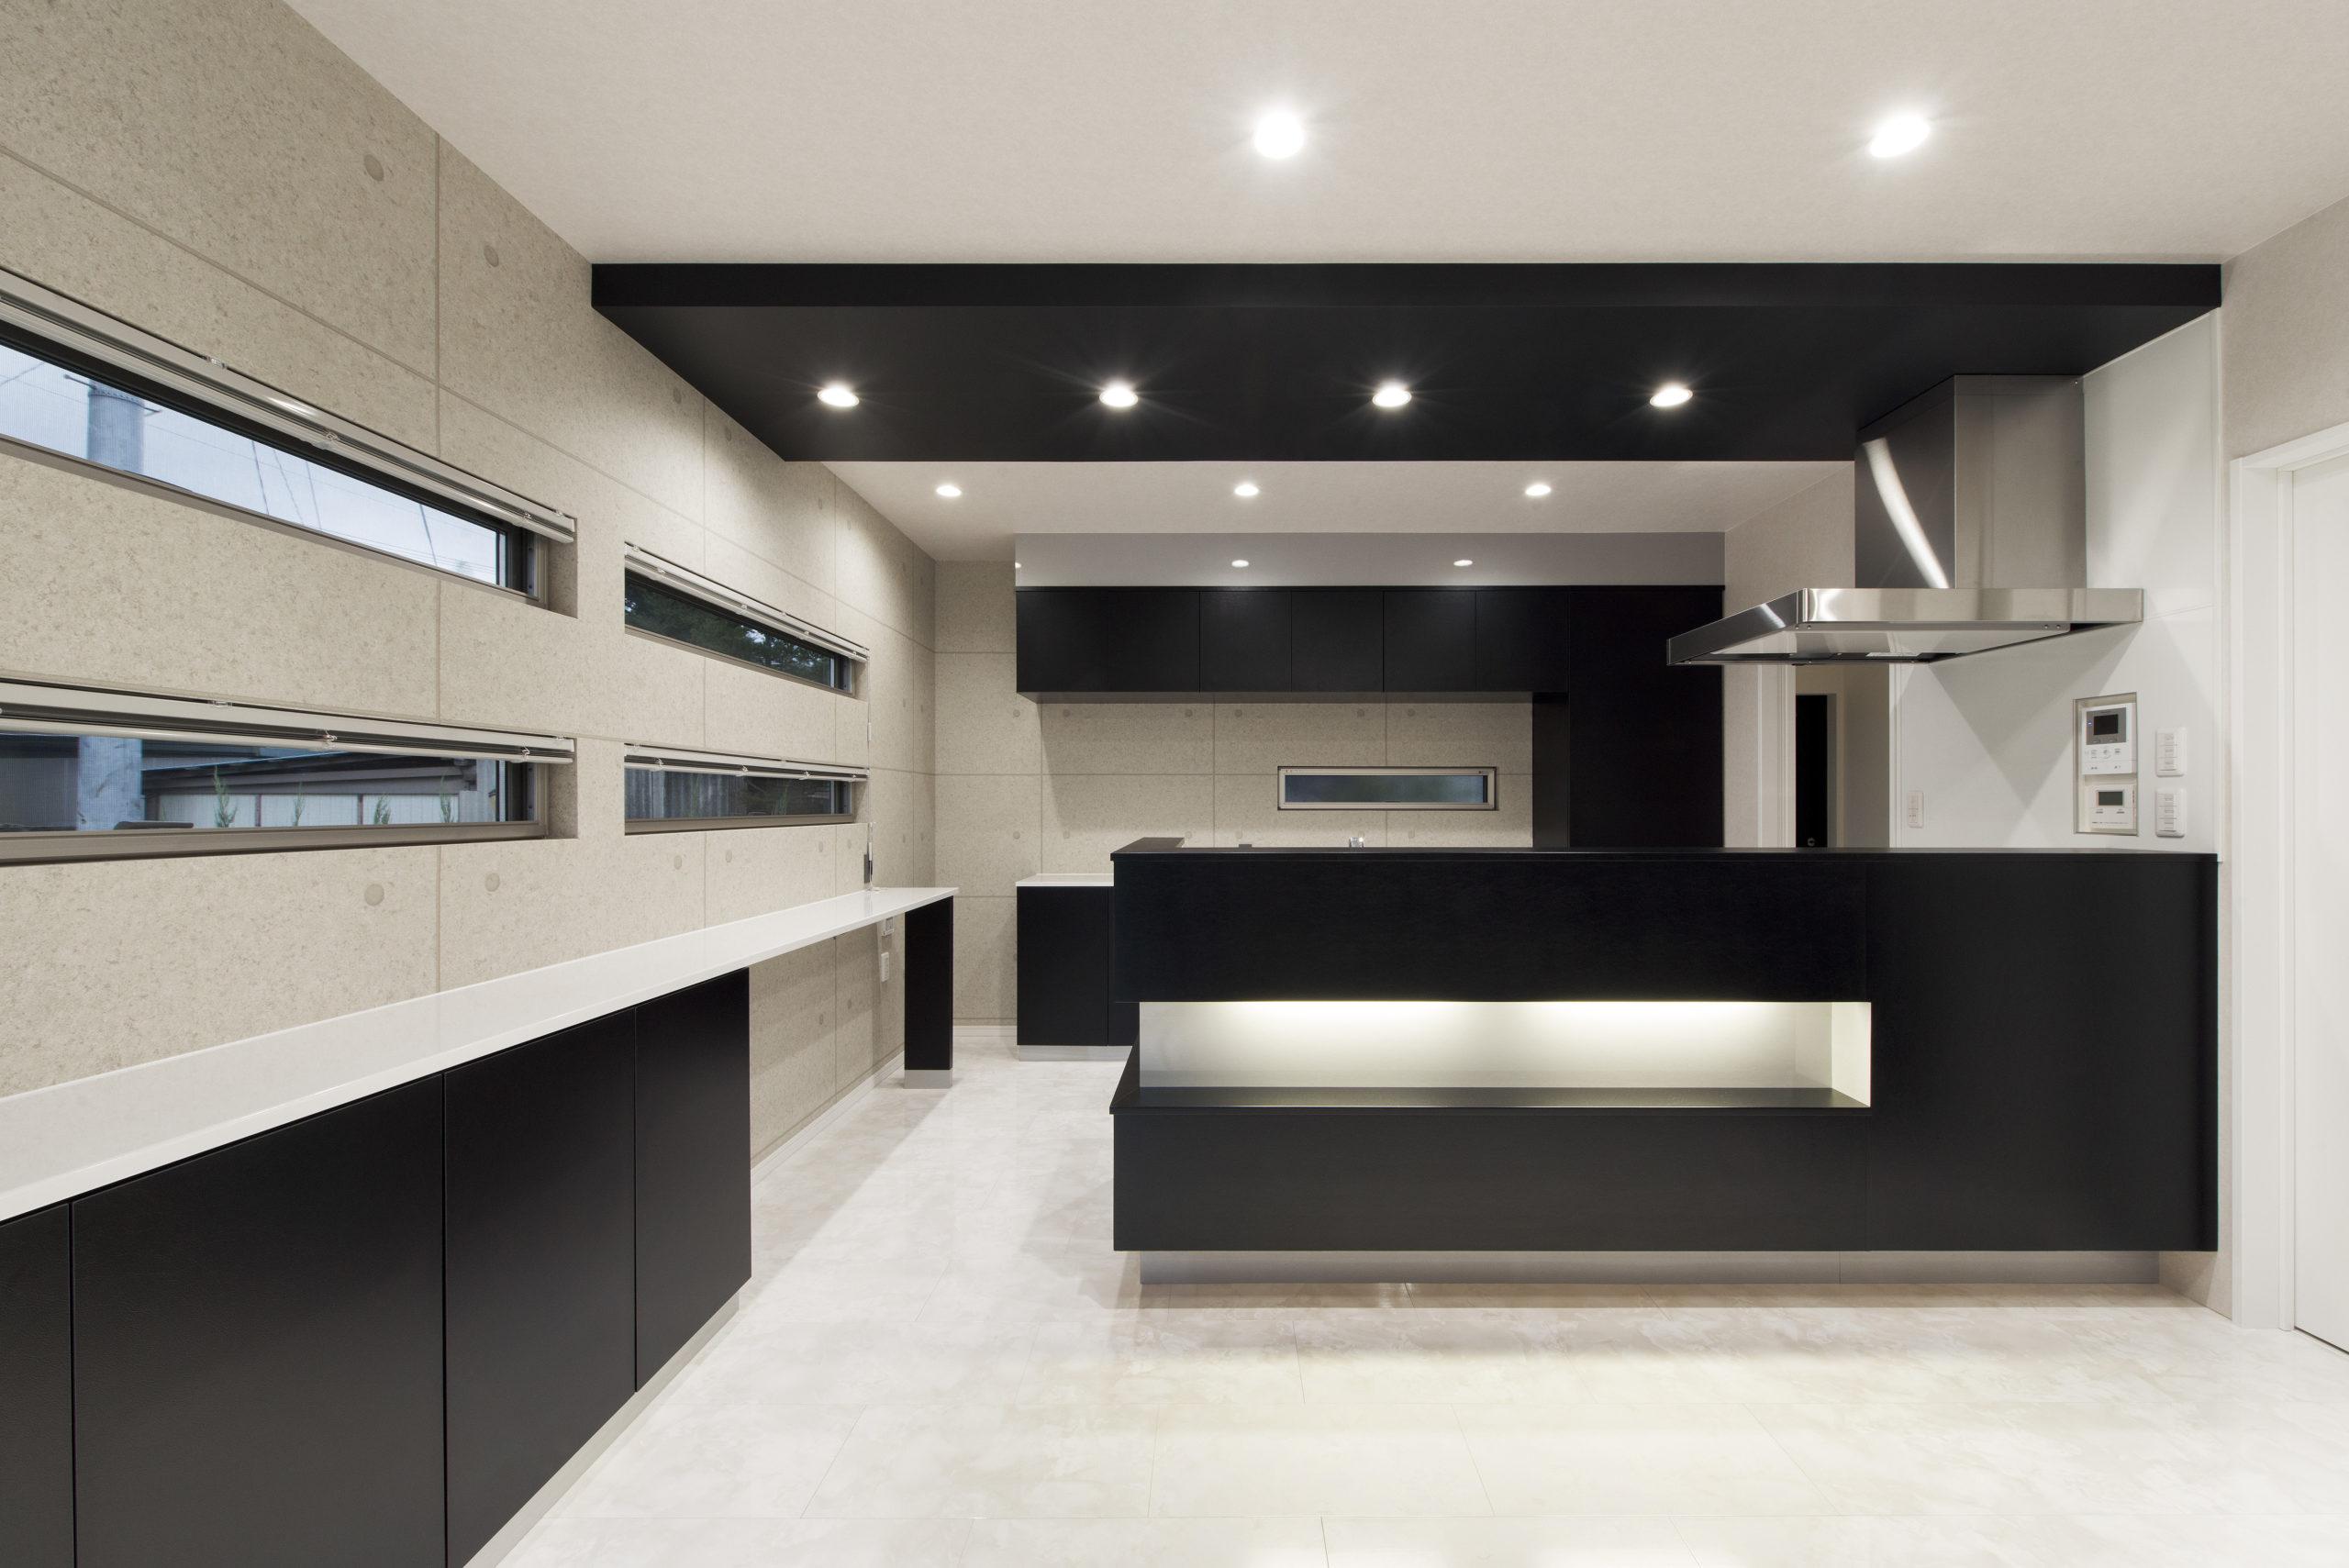 造作キッチンでリビングと同じデザインにし、統一した空間に仕上げる